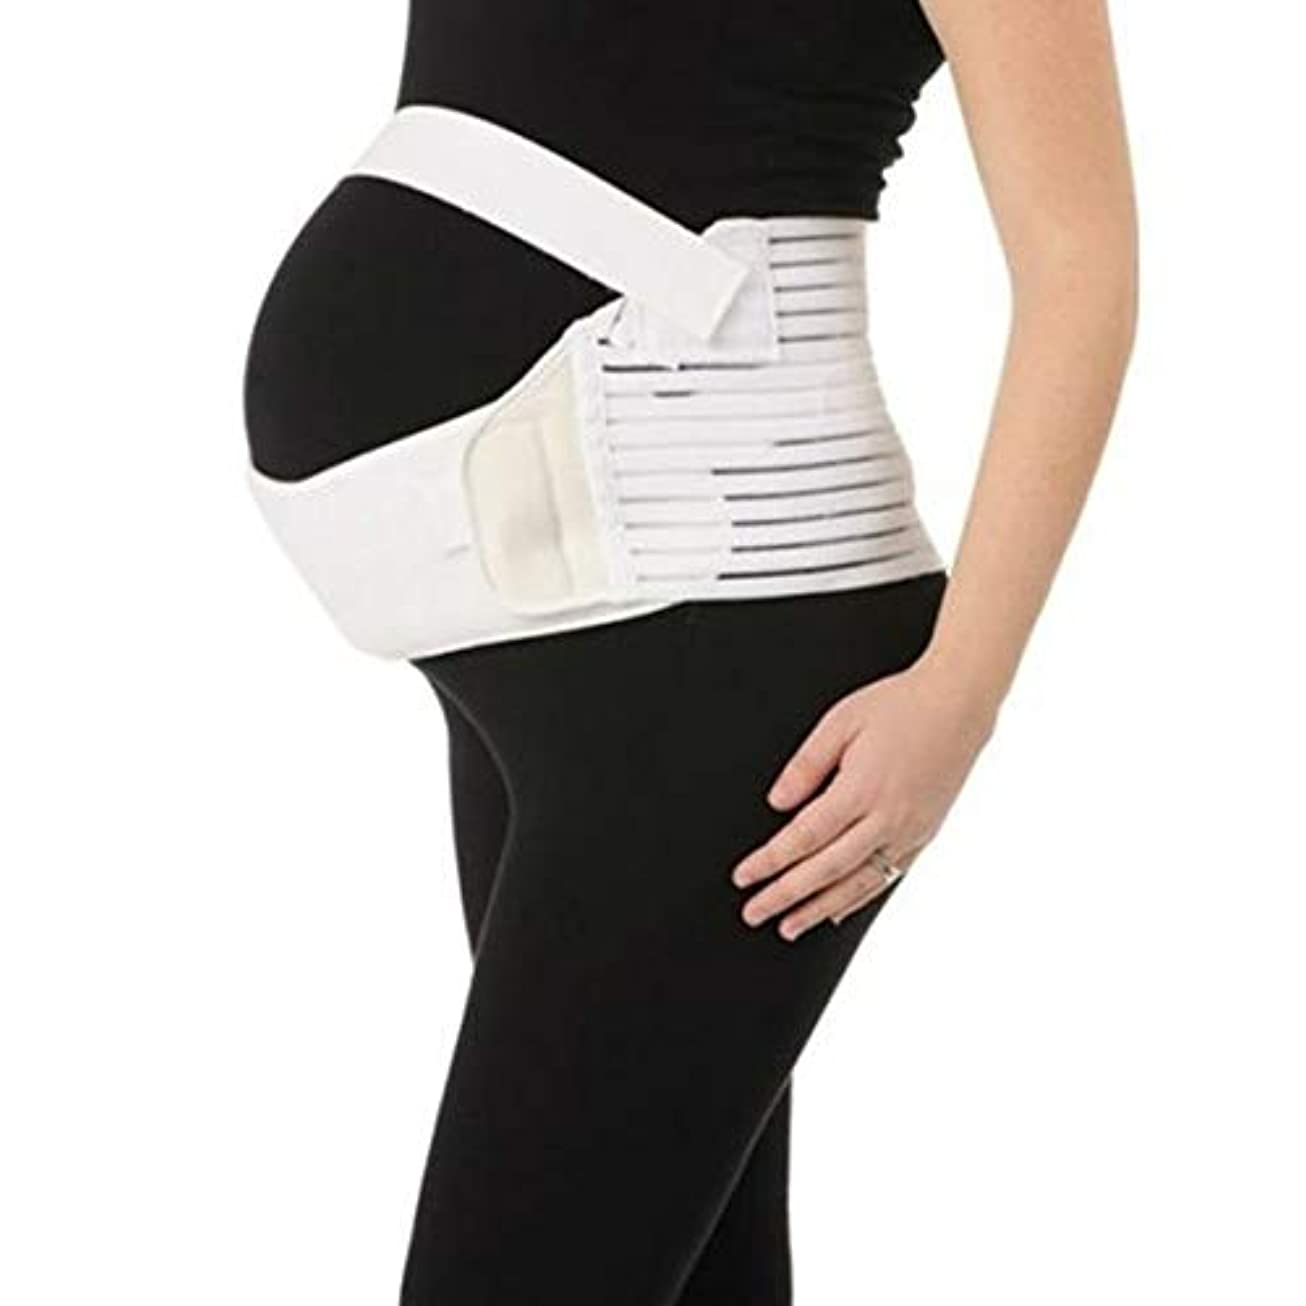 貧しい繰り返すエレメンタル通気性産科ベルト妊娠腹部サポート腹部バインダーガードル運動包帯産後の回復形状ウェア - ホワイトM